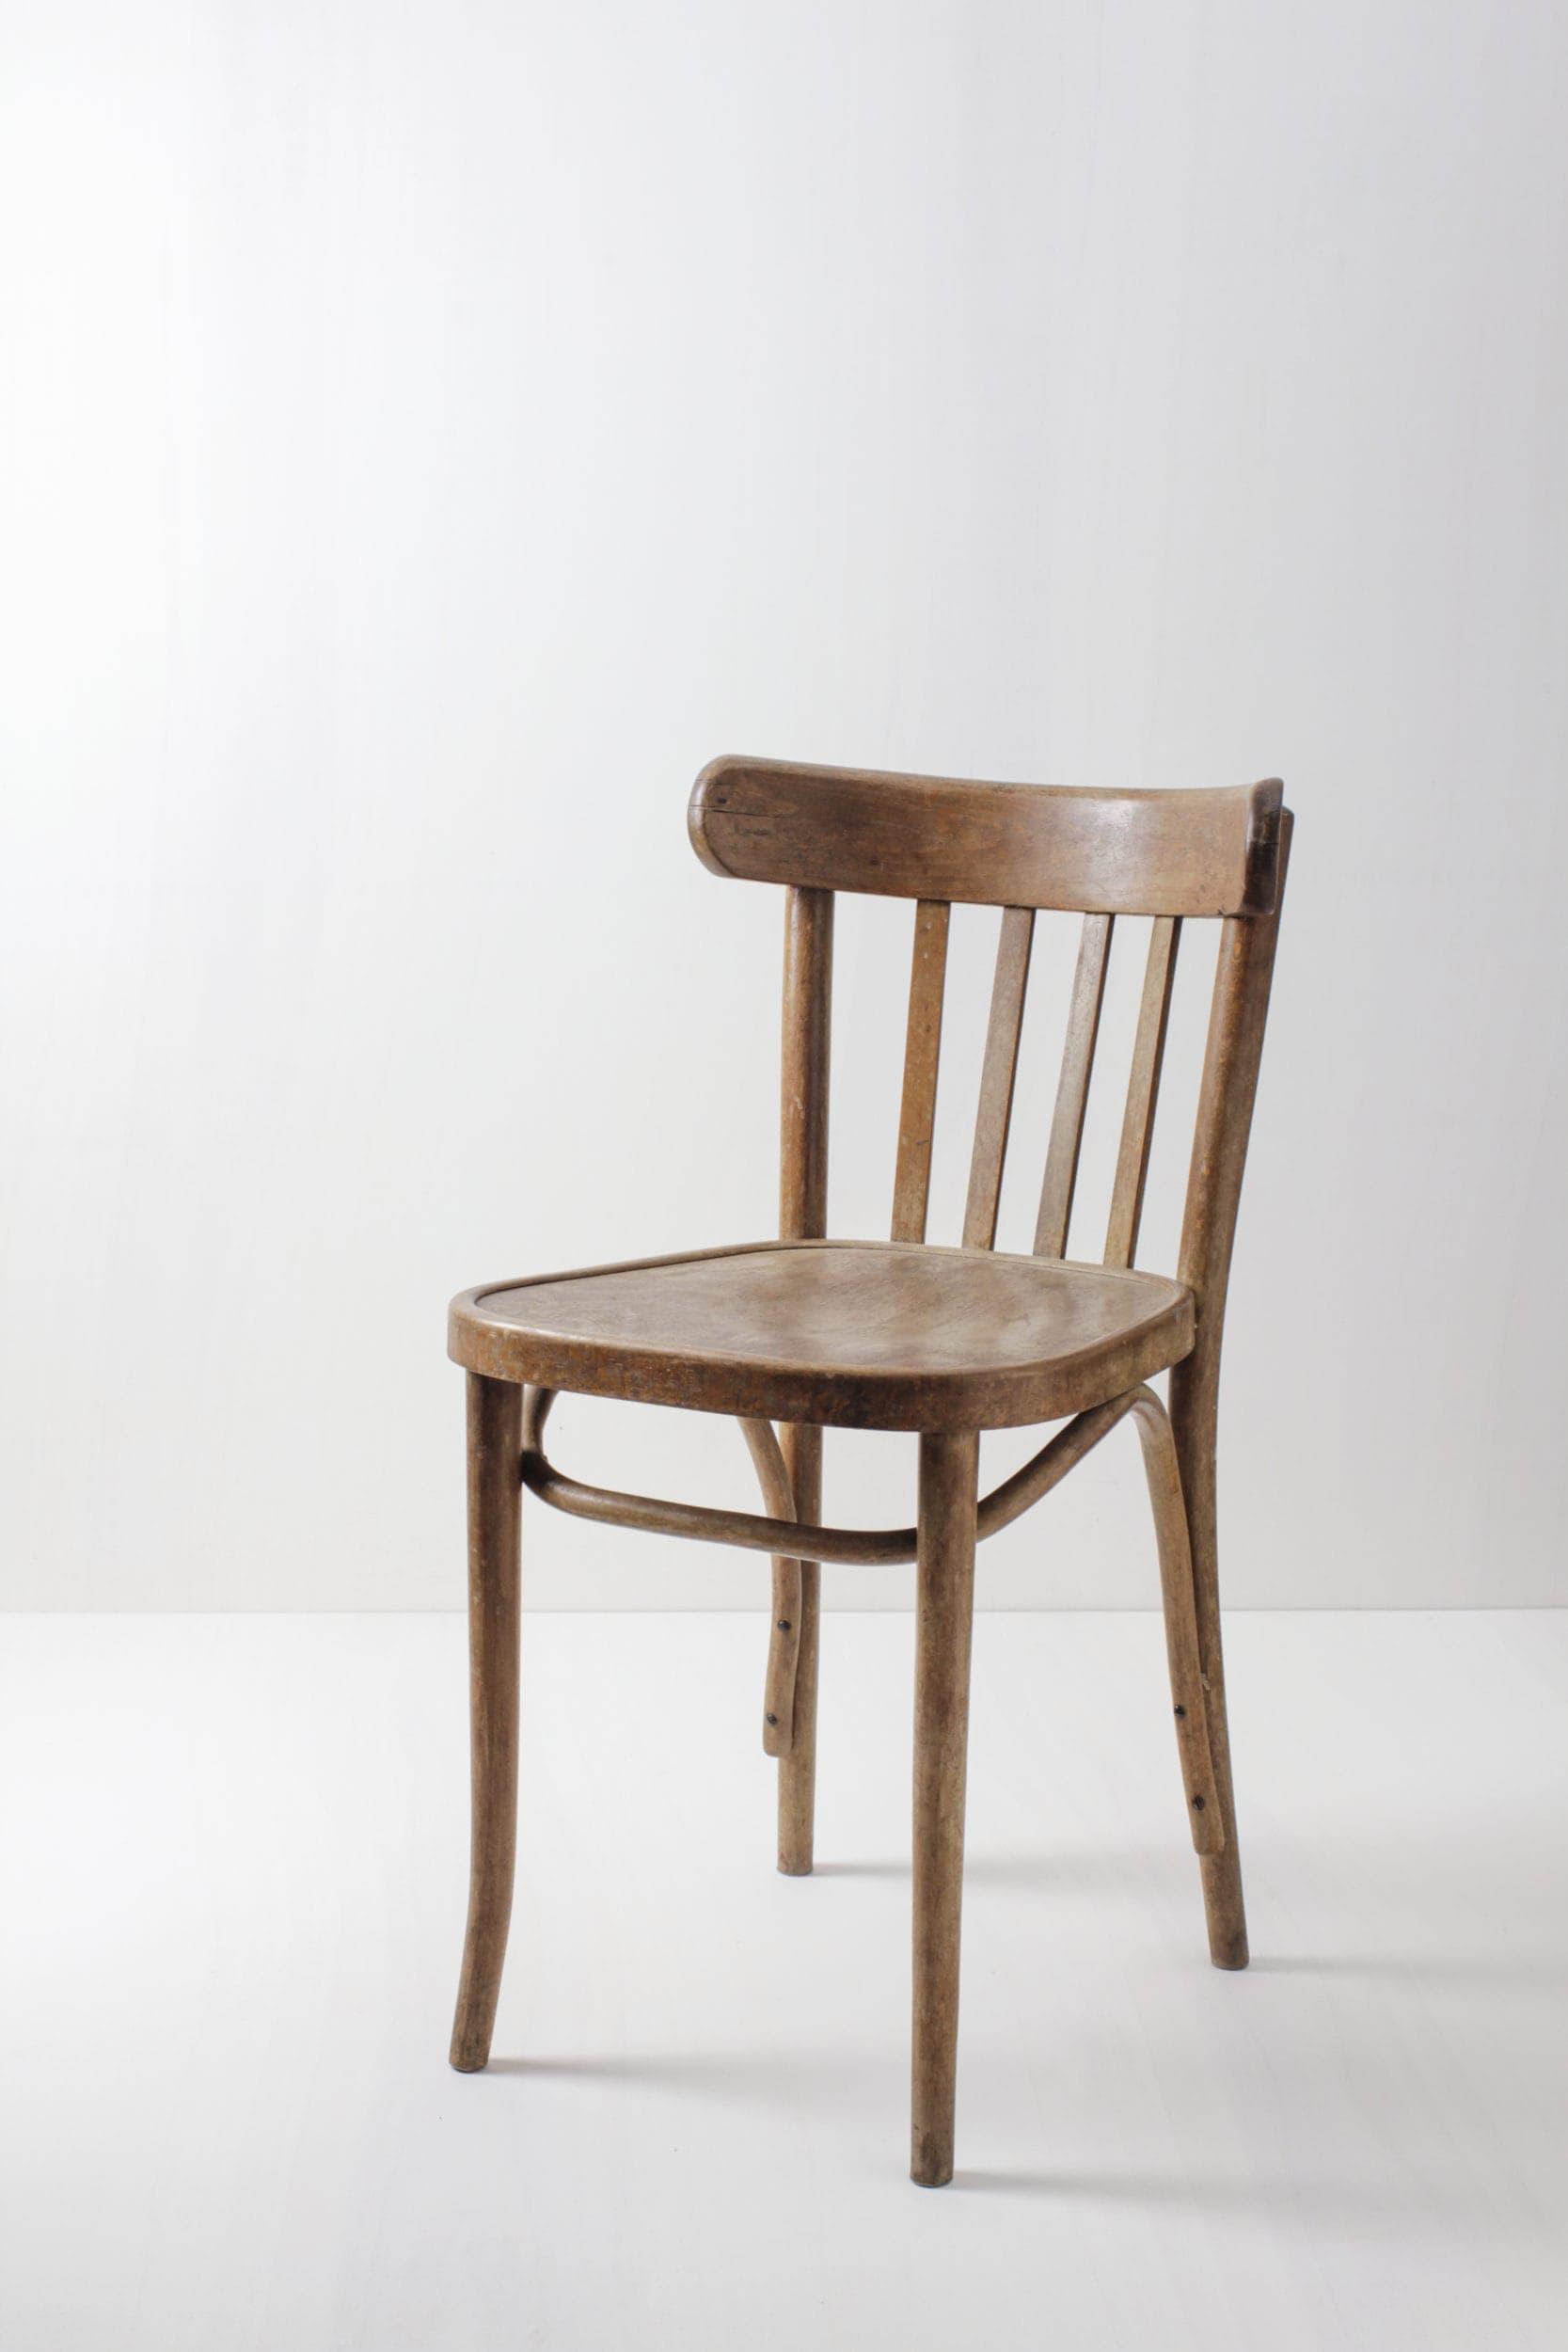 Bugholzstühle mieten für Vintagehochzeit, Holzstuhl für Dein Event